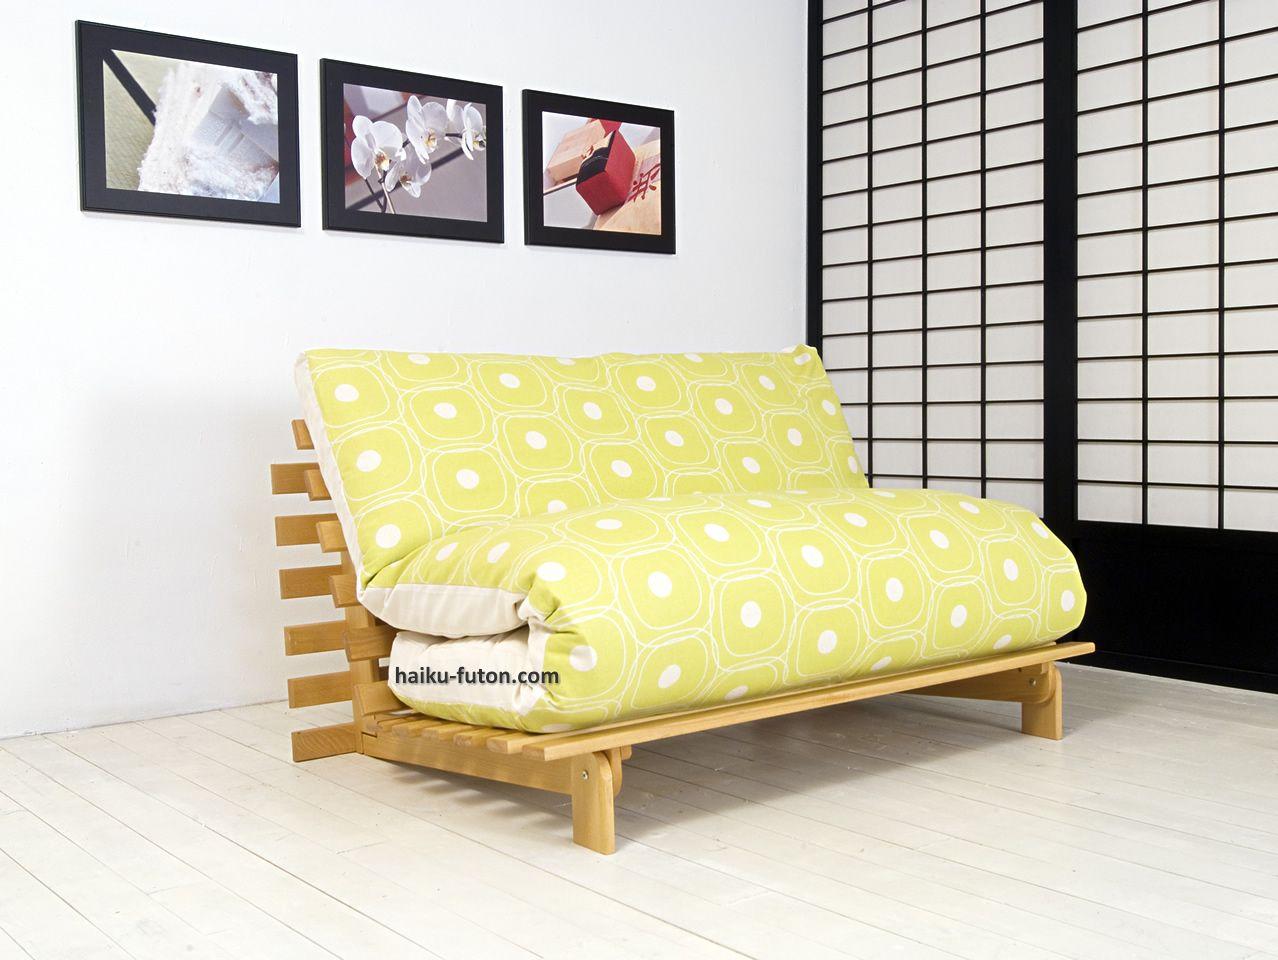 Futon sofá-cama Plegable La estructura del futon sofá-cama ...